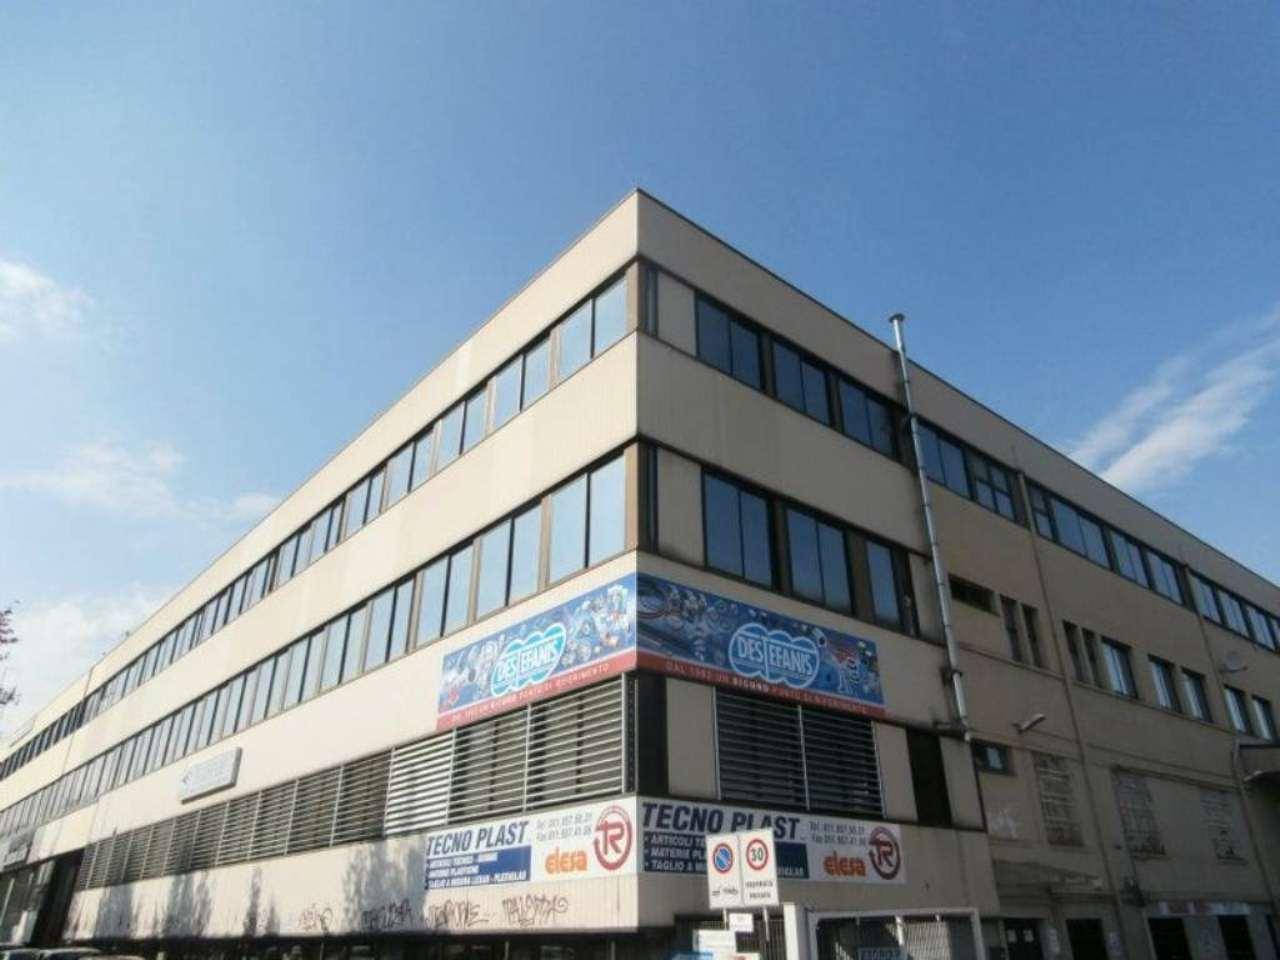 Immobile Commerciale in vendita a Rivoli, 10 locali, prezzo € 2.400.000 | CambioCasa.it